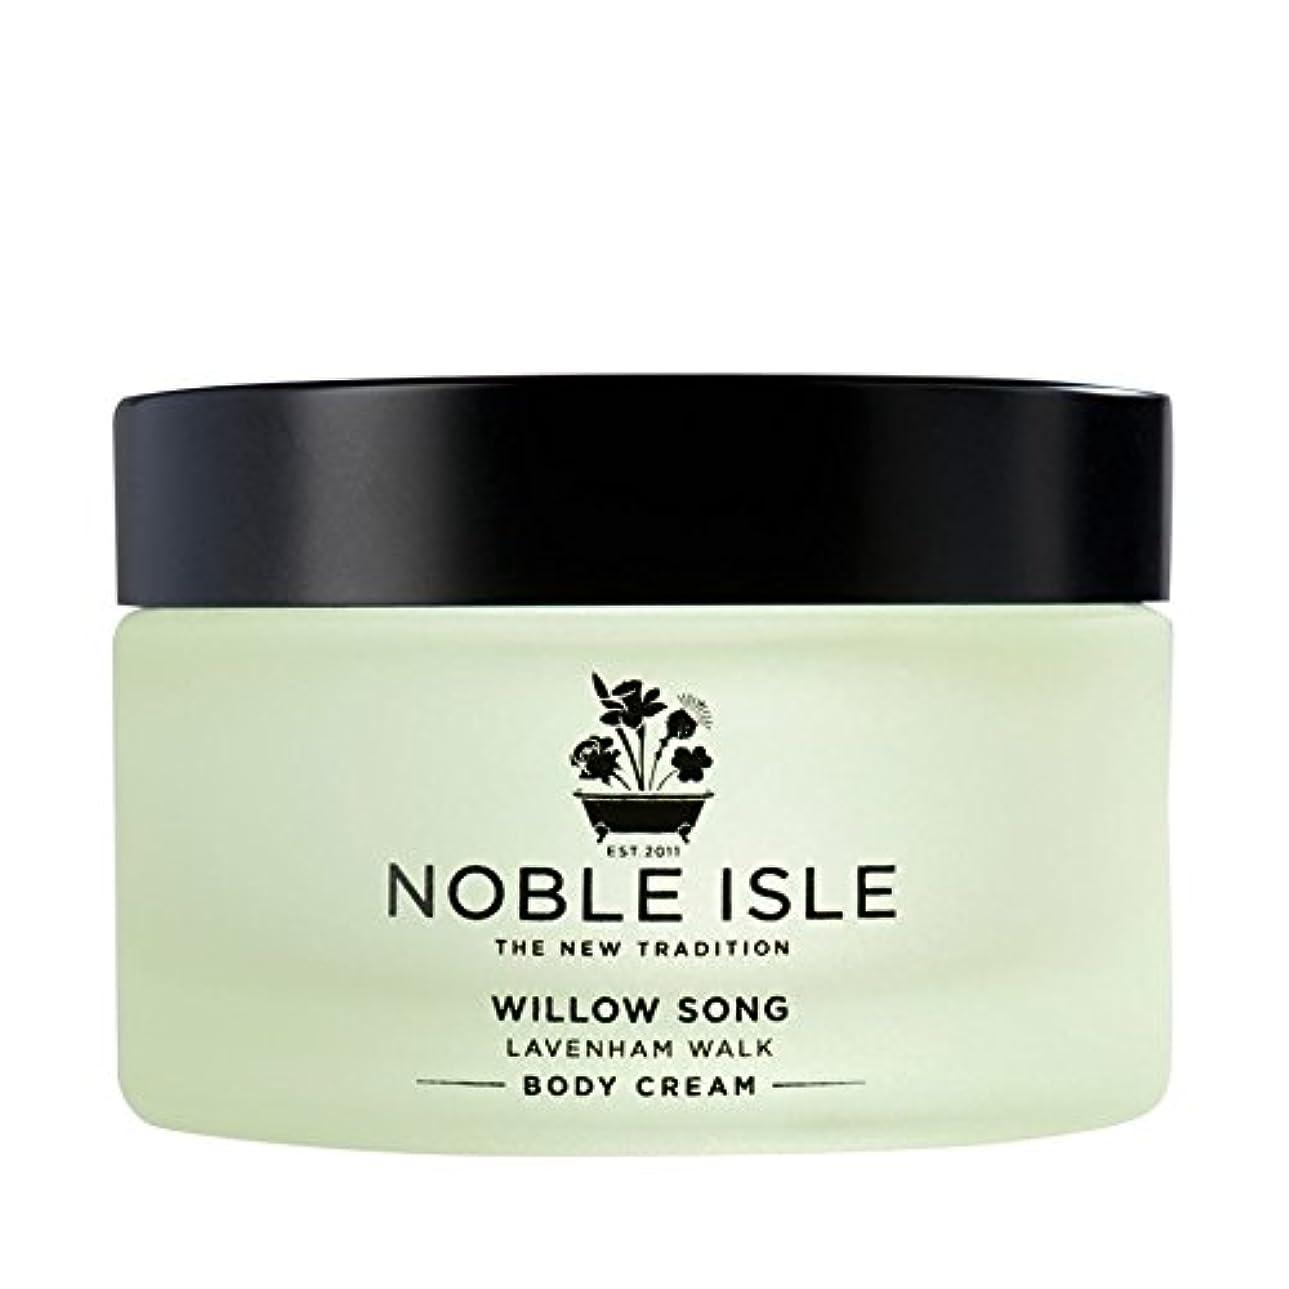 テナント従順な作成する高貴な島柳の歌ラヴァンハム徒歩ボディクリーム170ミリリットル x4 - Noble Isle Willow Song Lavenham Walk Body Cream 170ml (Pack of 4) [並行輸入品]